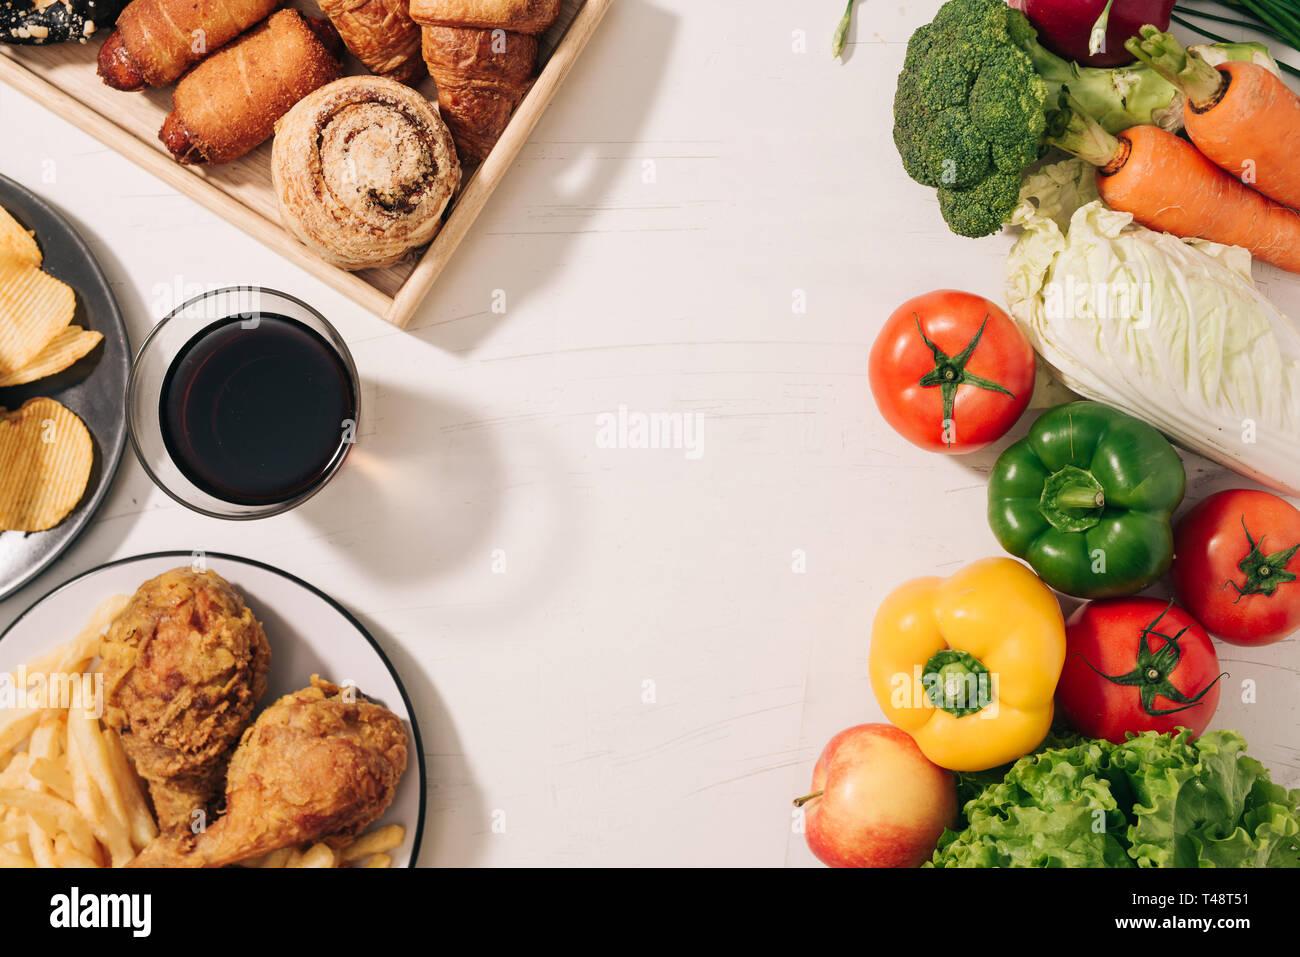 Choosing between Fruits and Sweets  Healthy versus unhealthy food